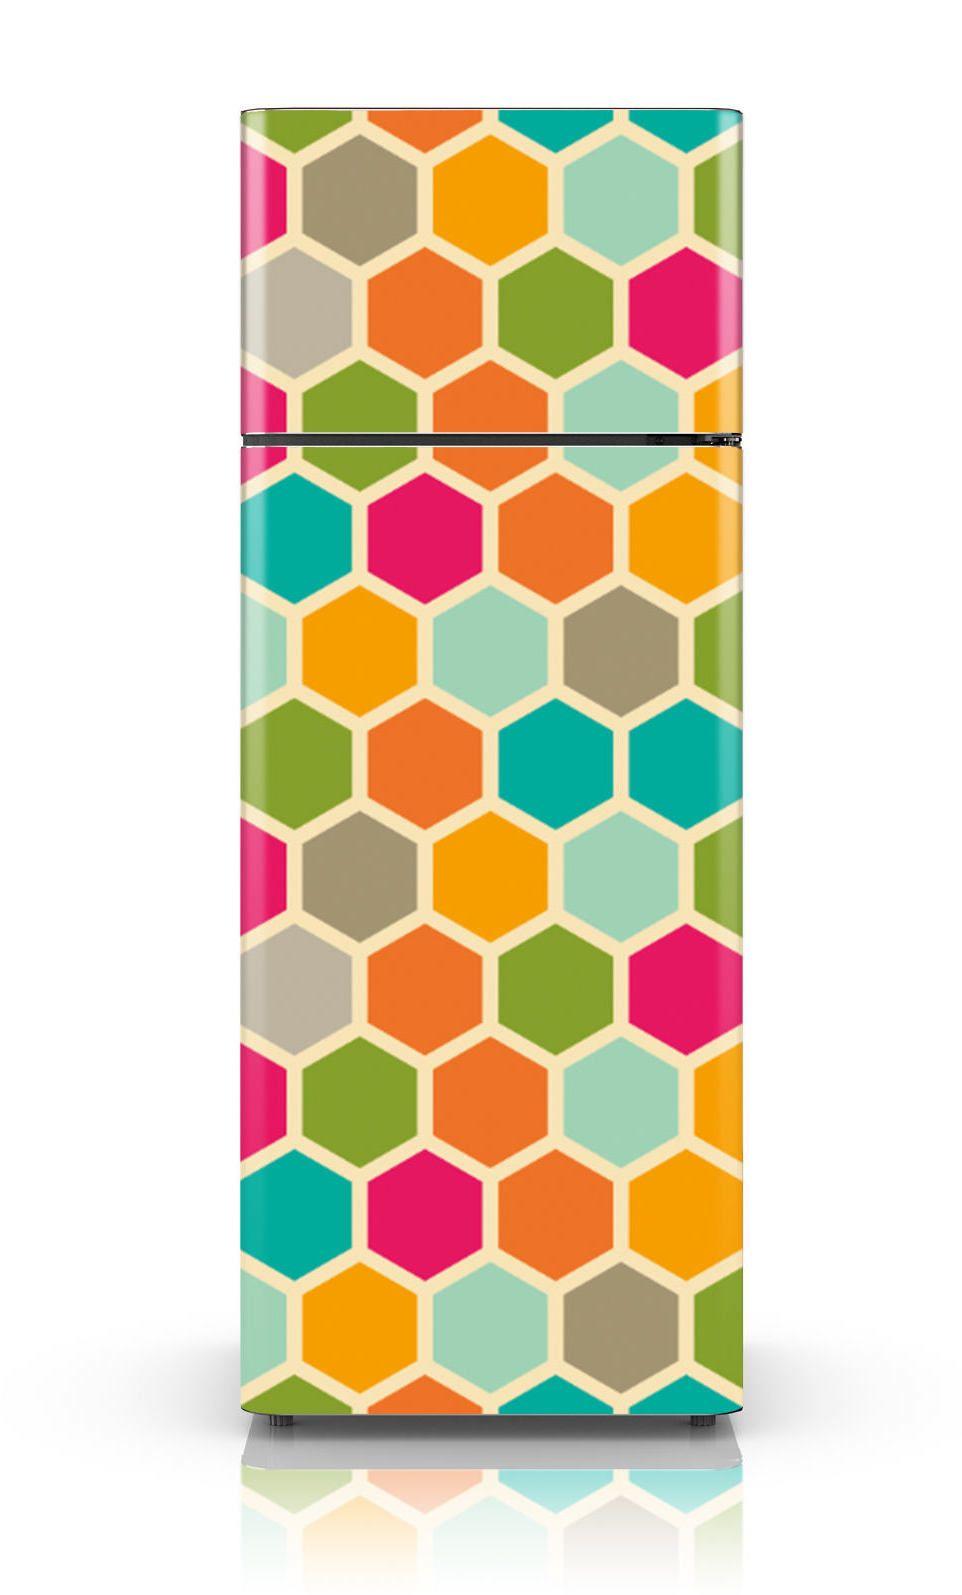 E, pra fechar, um adesivo cheio de hexágonos coloridos